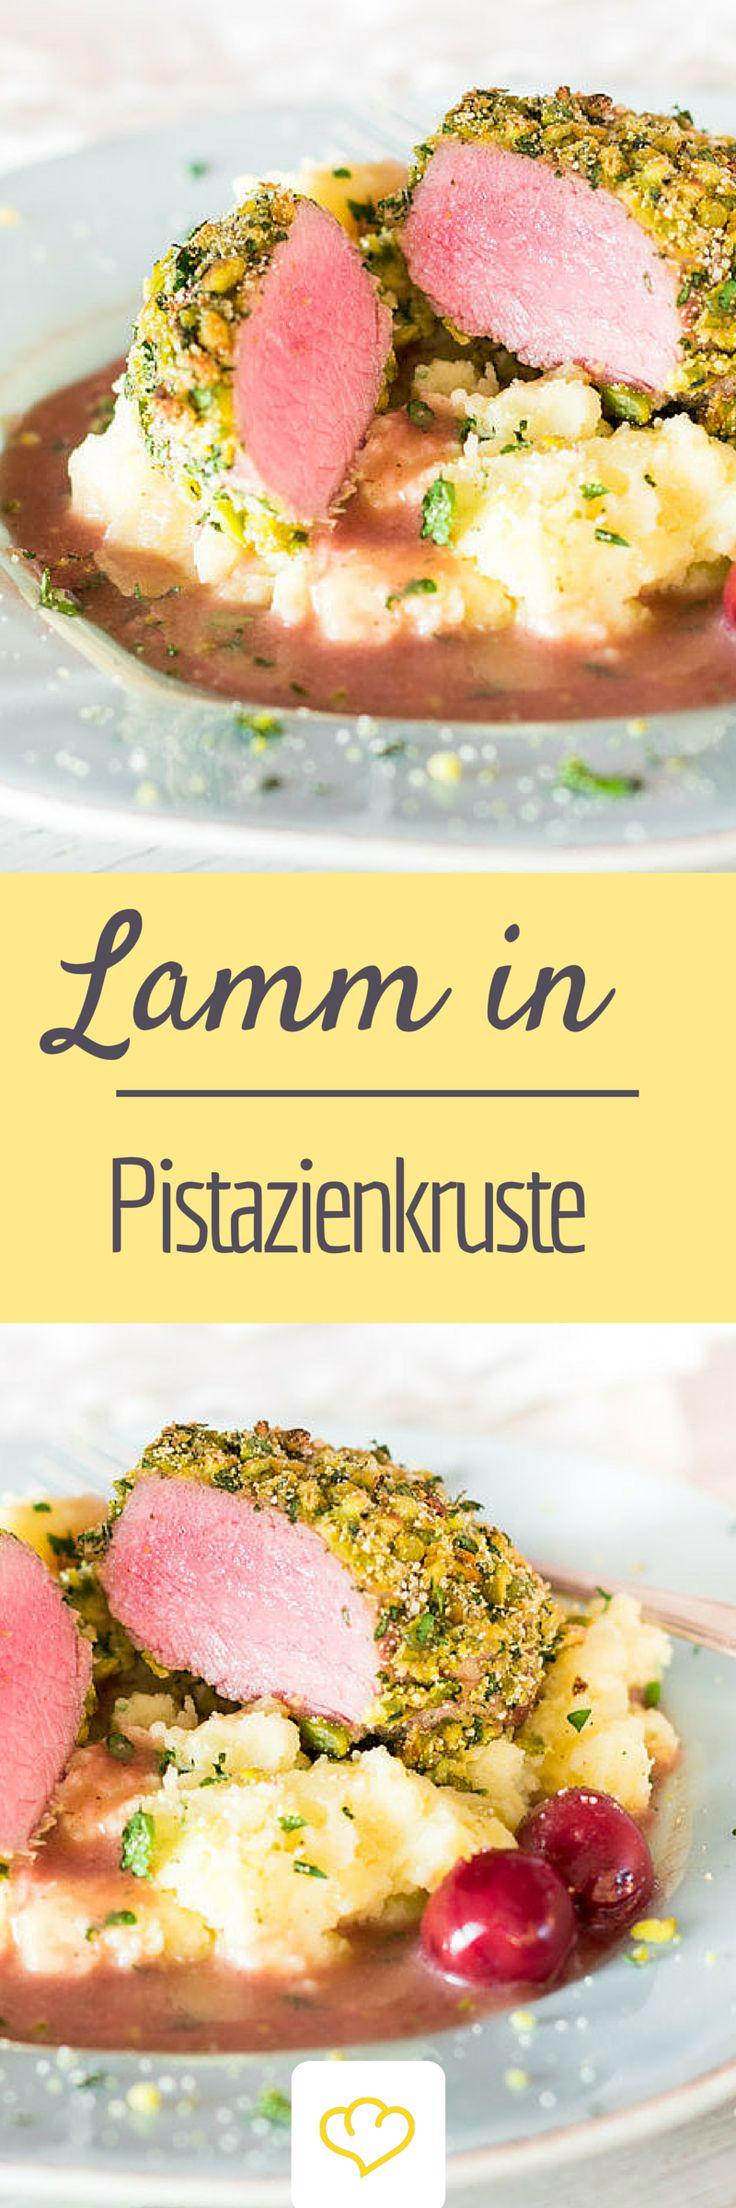 Lamm in Pistazienkruste mit Sauerkirschsauce und Kartoffelpüree Ostern ohne Lamm ist wie Weihnachten ohne Gans. Möglich, aber fast unvorstellbar. Bei diesem italienischen Gericht, wird es von einer Pi (Christmas Recipes Dinner)